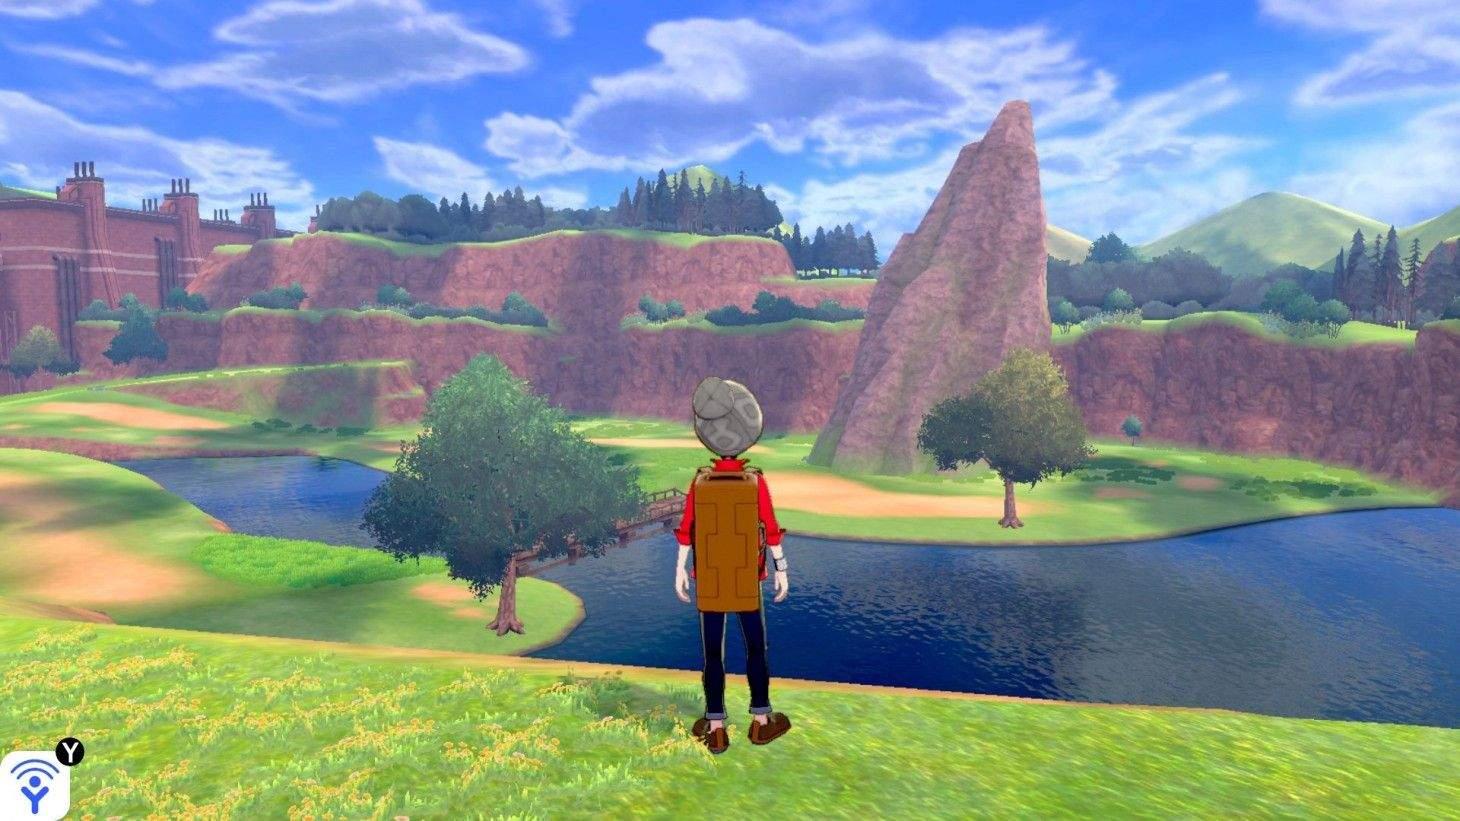 pokemon spada scudo terre selvagge